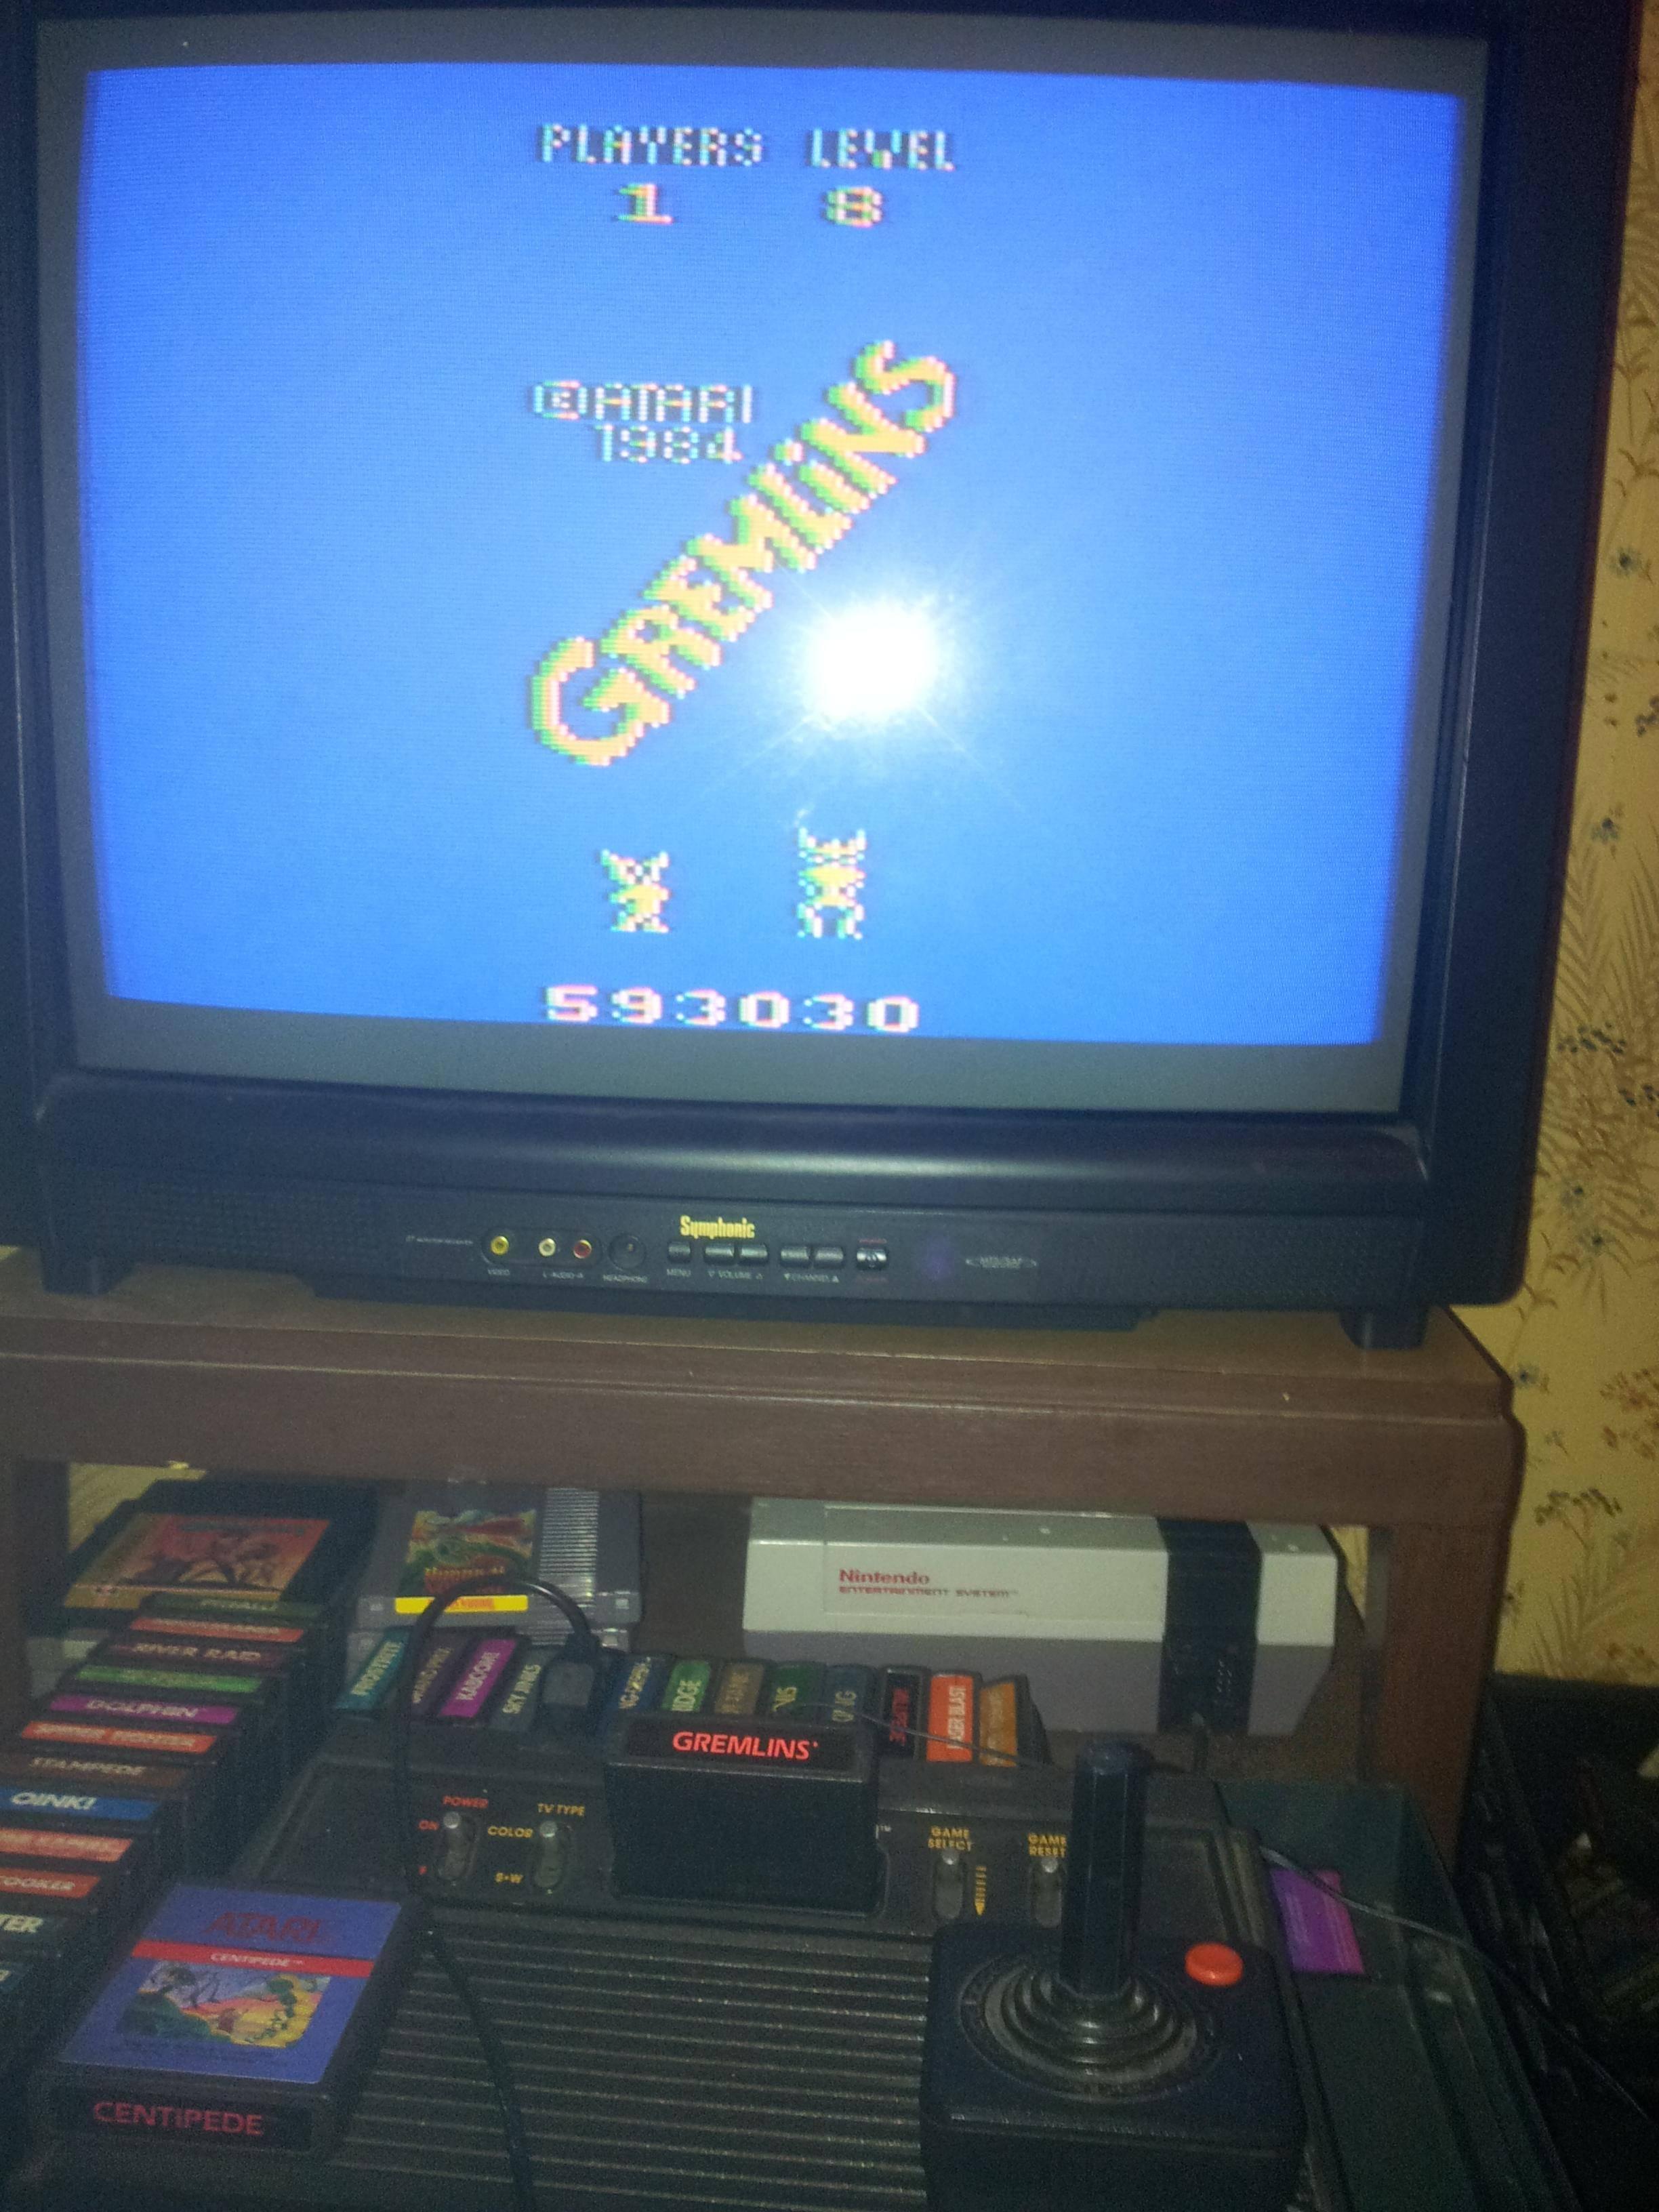 Gremlins 593,030 points